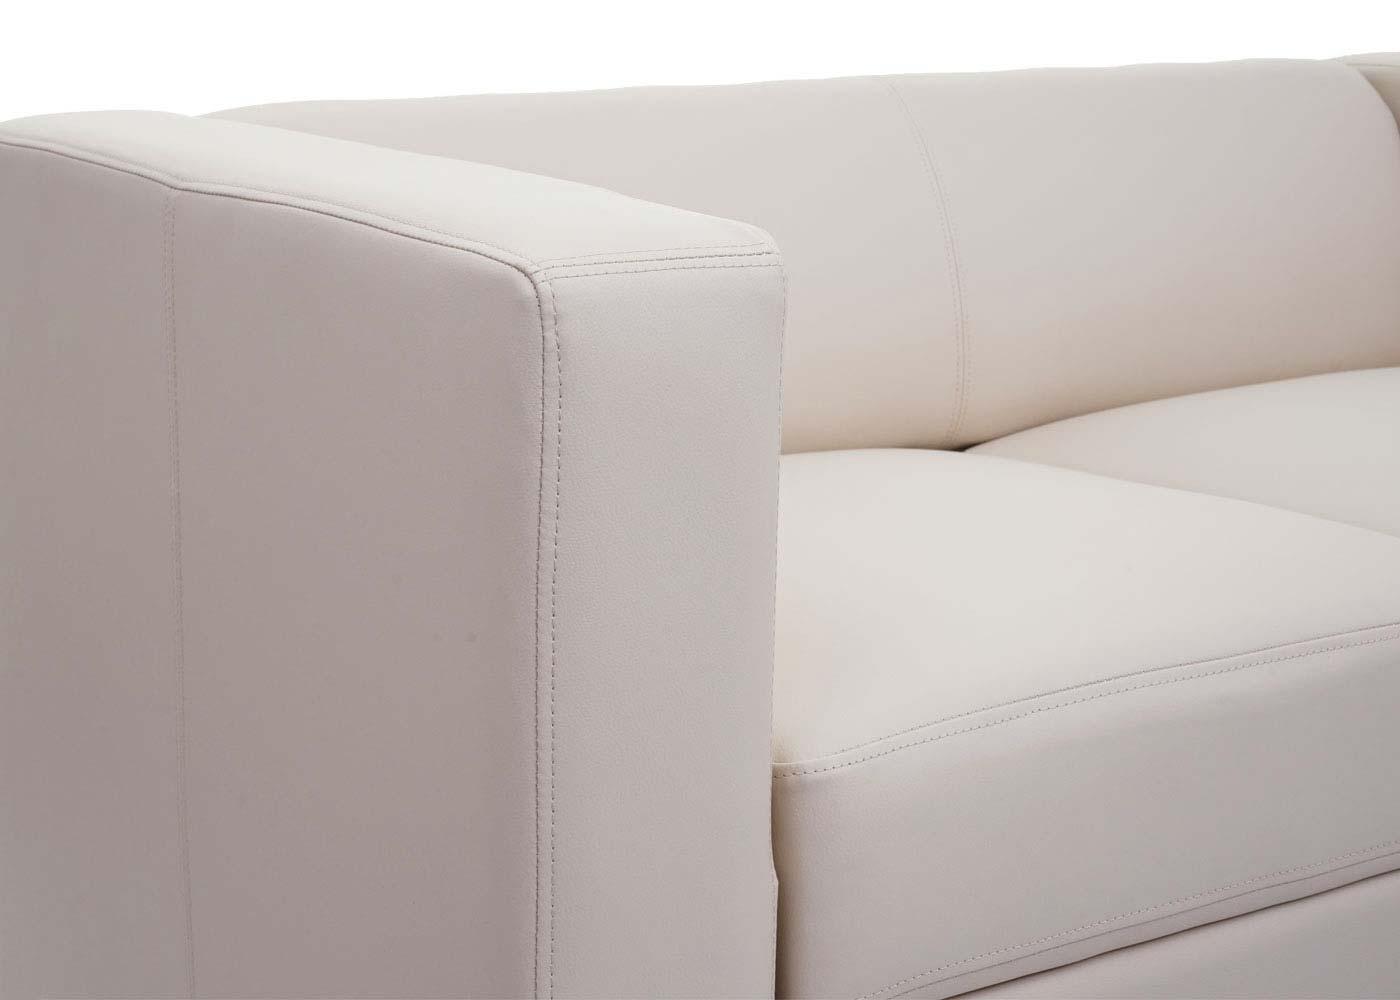 3-2-1 Sofagarnitur Couchgarnitur Loungesofa Lille Detailansicht